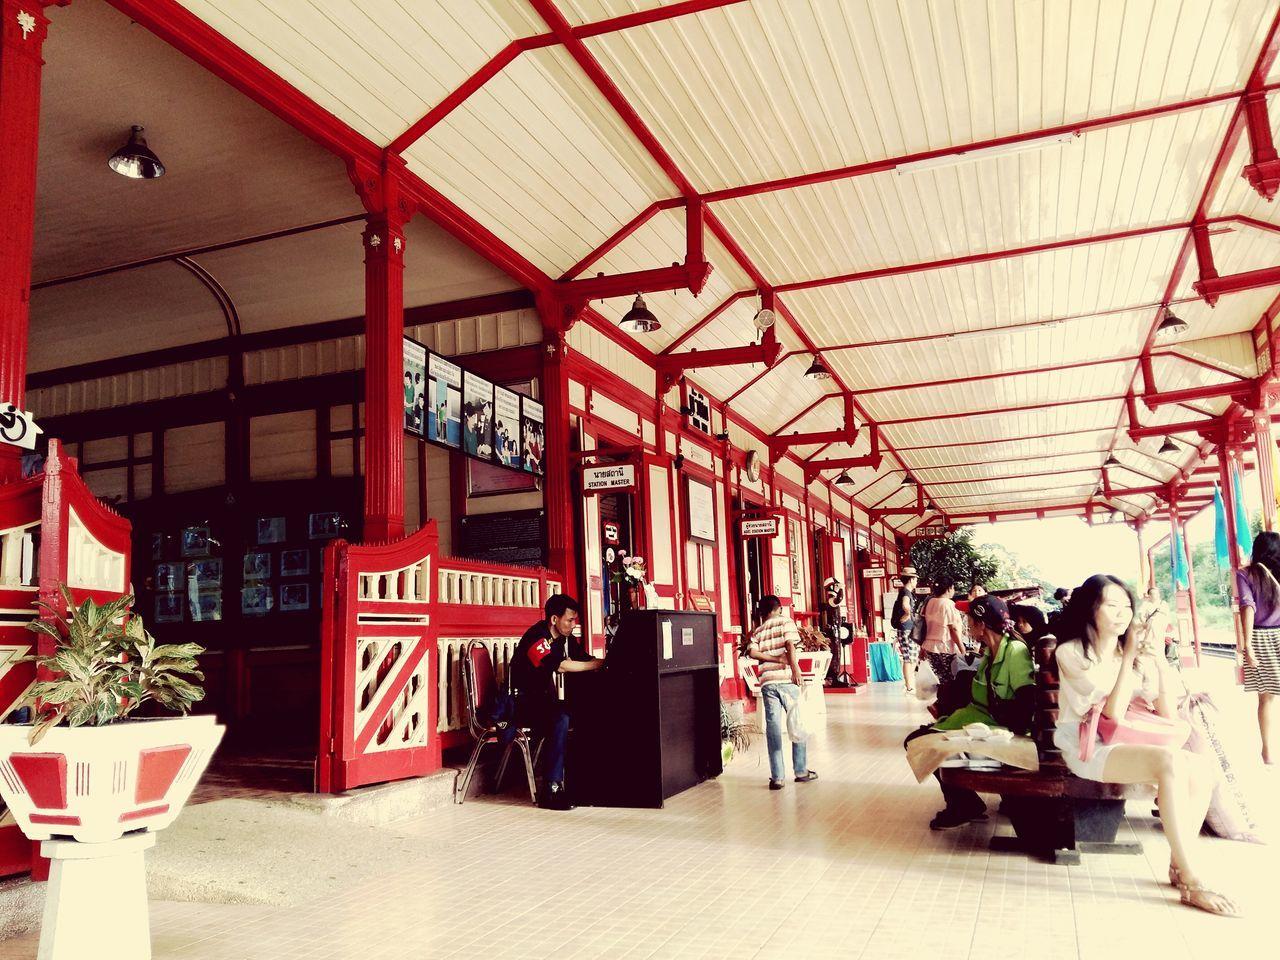 การรอคอยและการเดินทาง..at train station